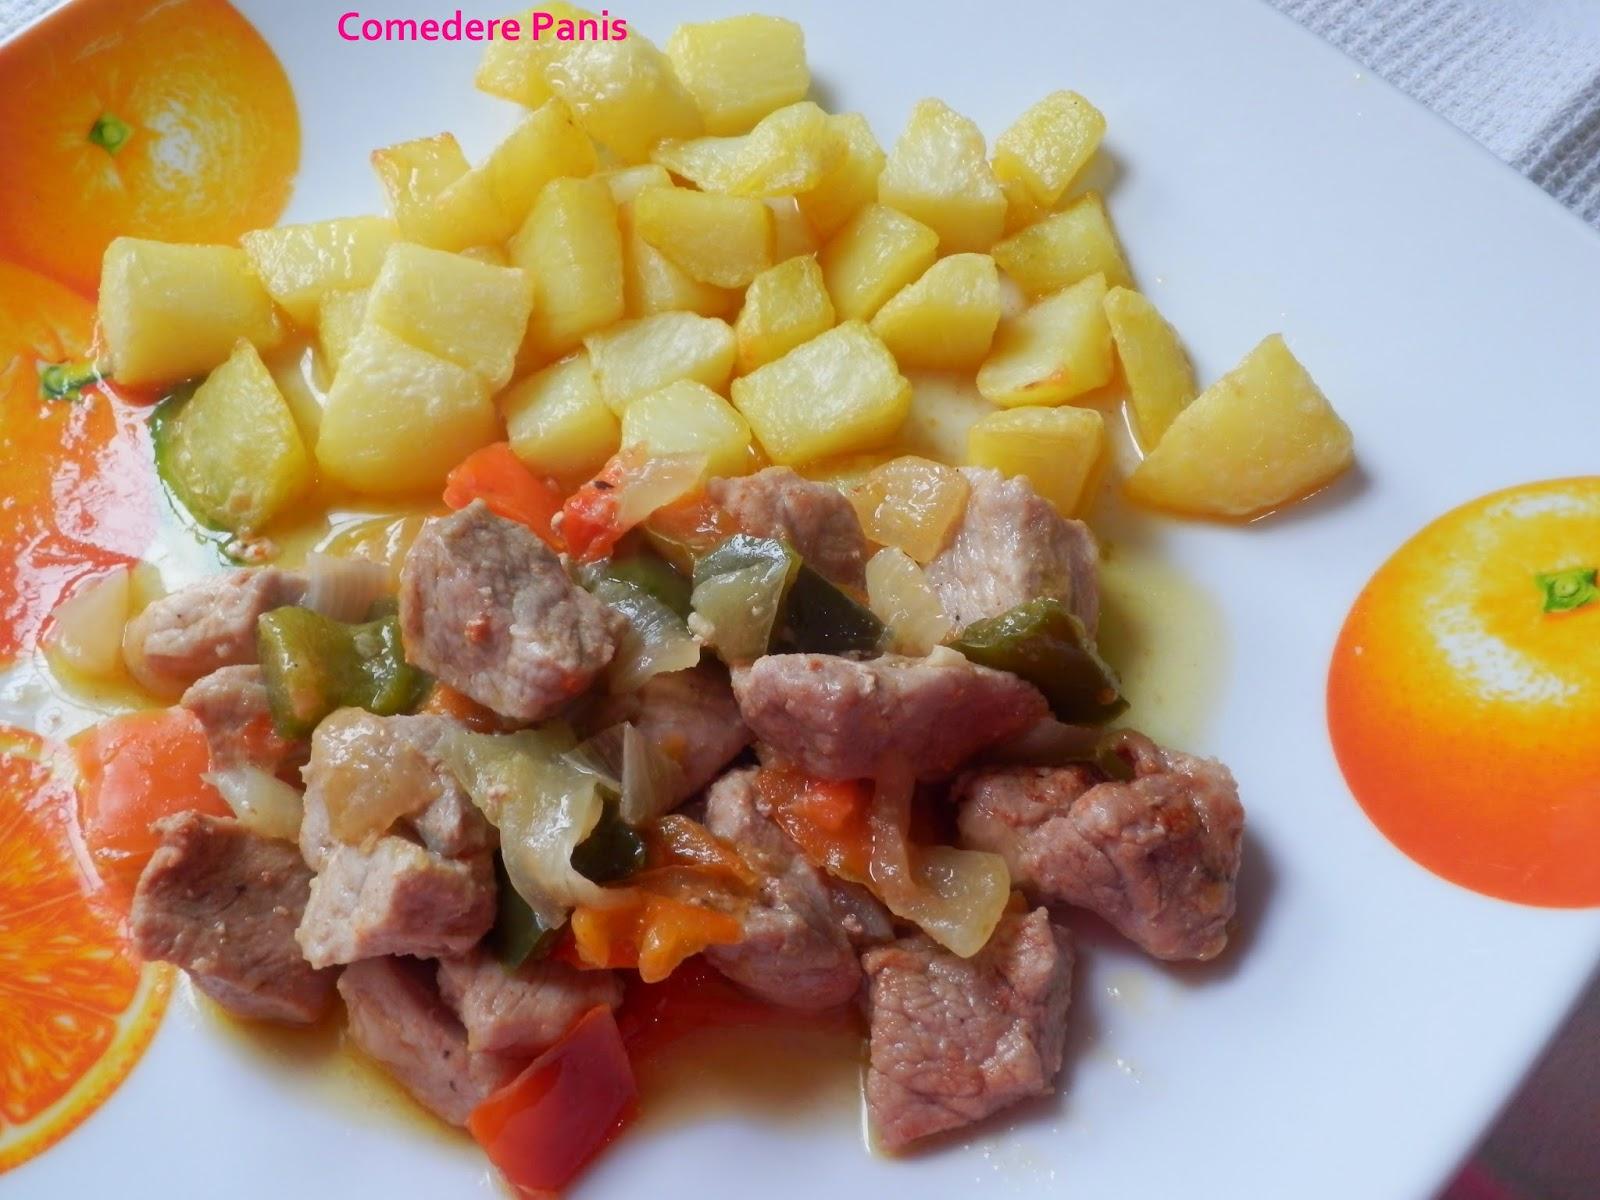 Carne De Fiesta